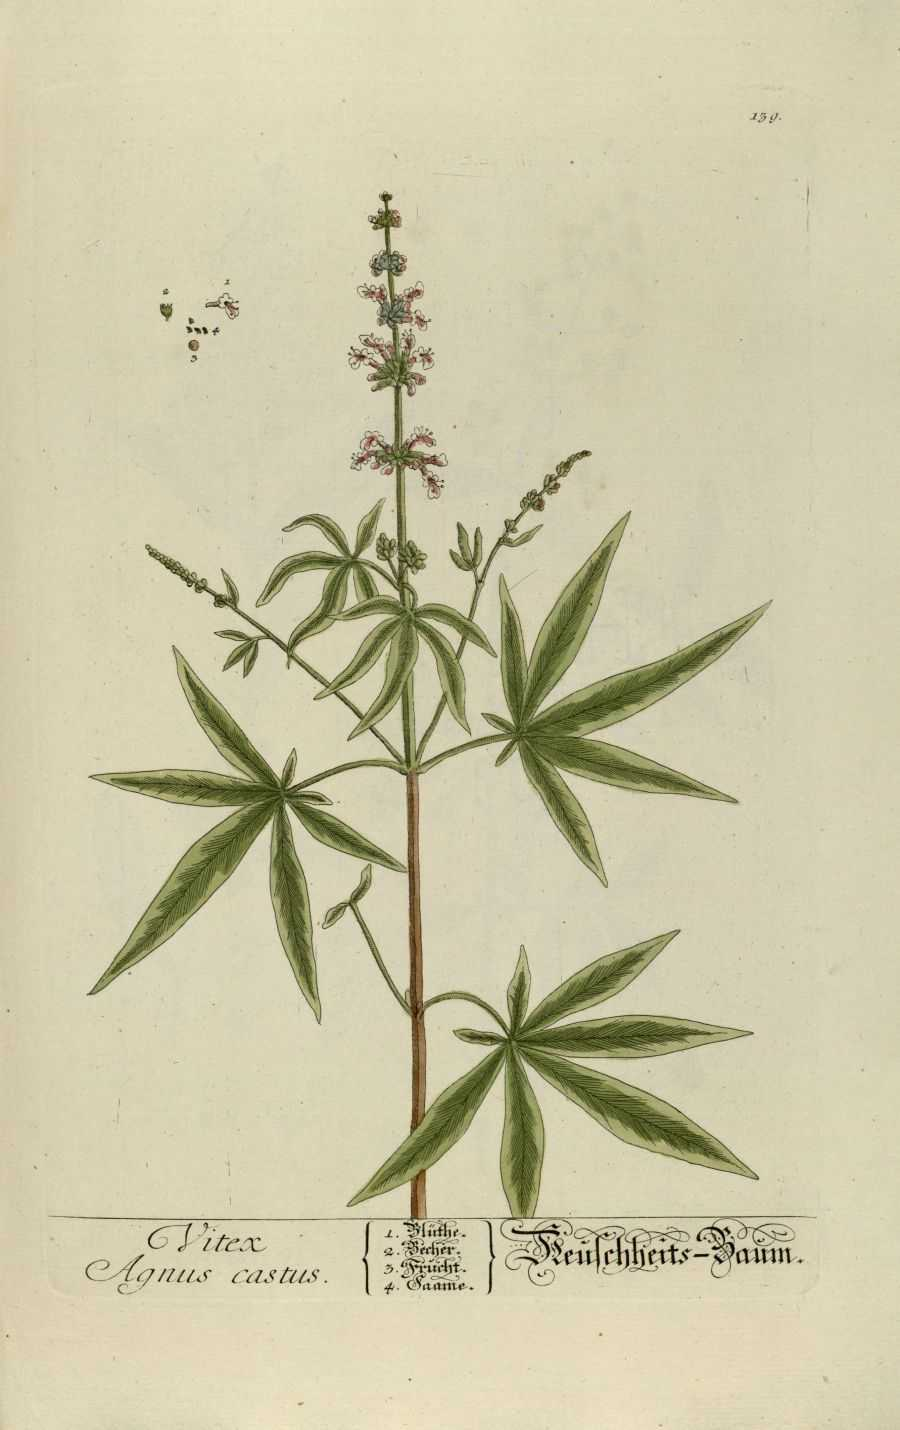 vitex-agnus-castus-botanische-prent